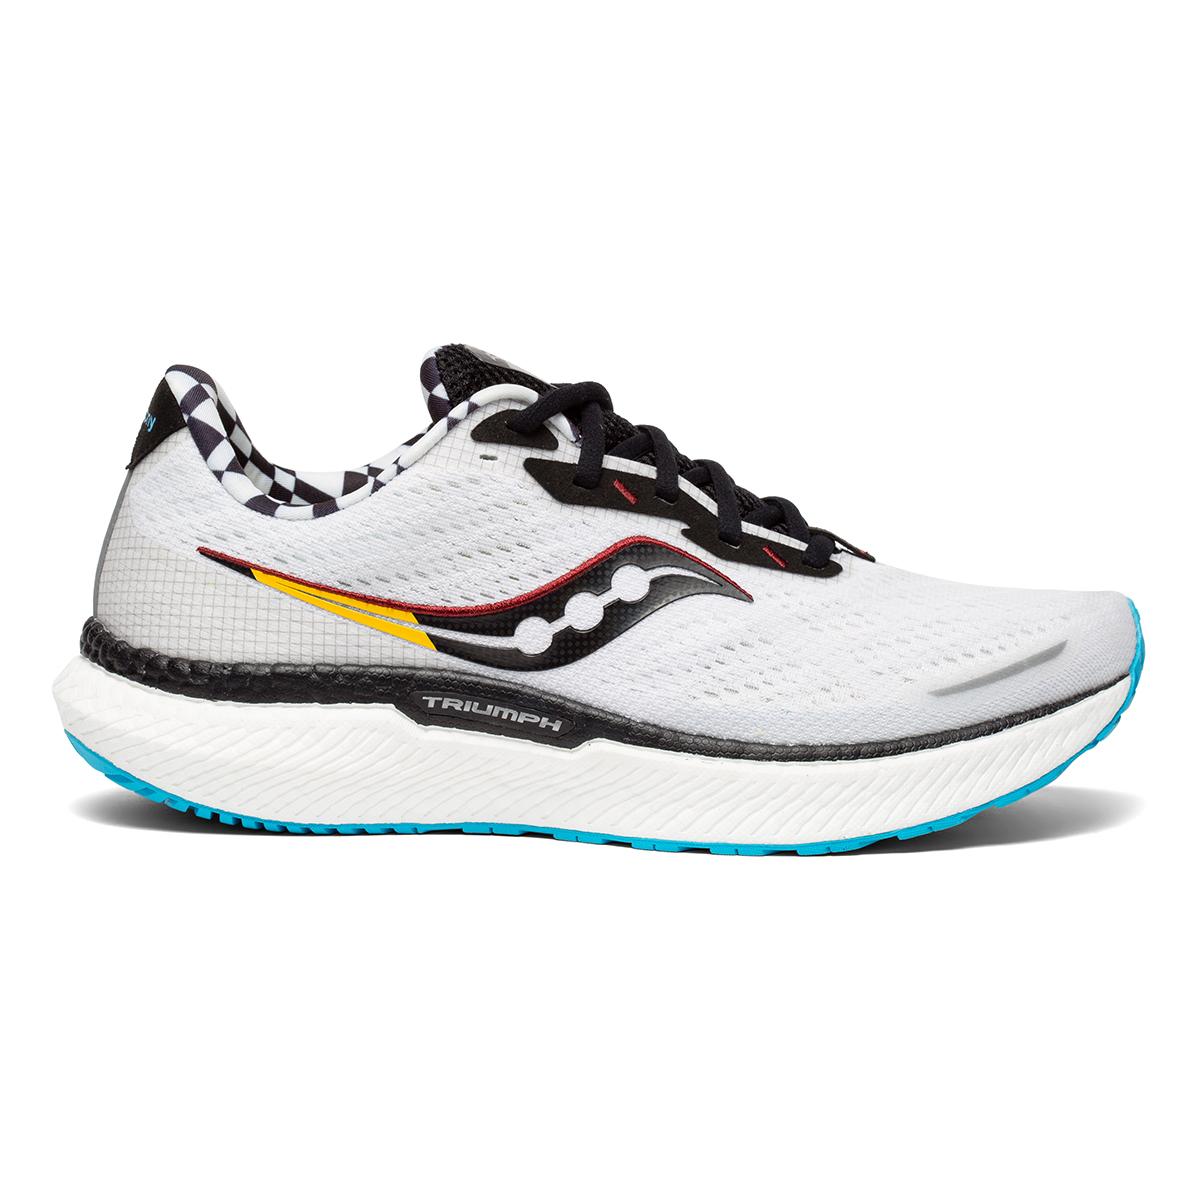 Men's Saucony Triumph 19 Running Shoe - Color: Reverie - Size: 7 - Width: Regular, Reverie, large, image 1